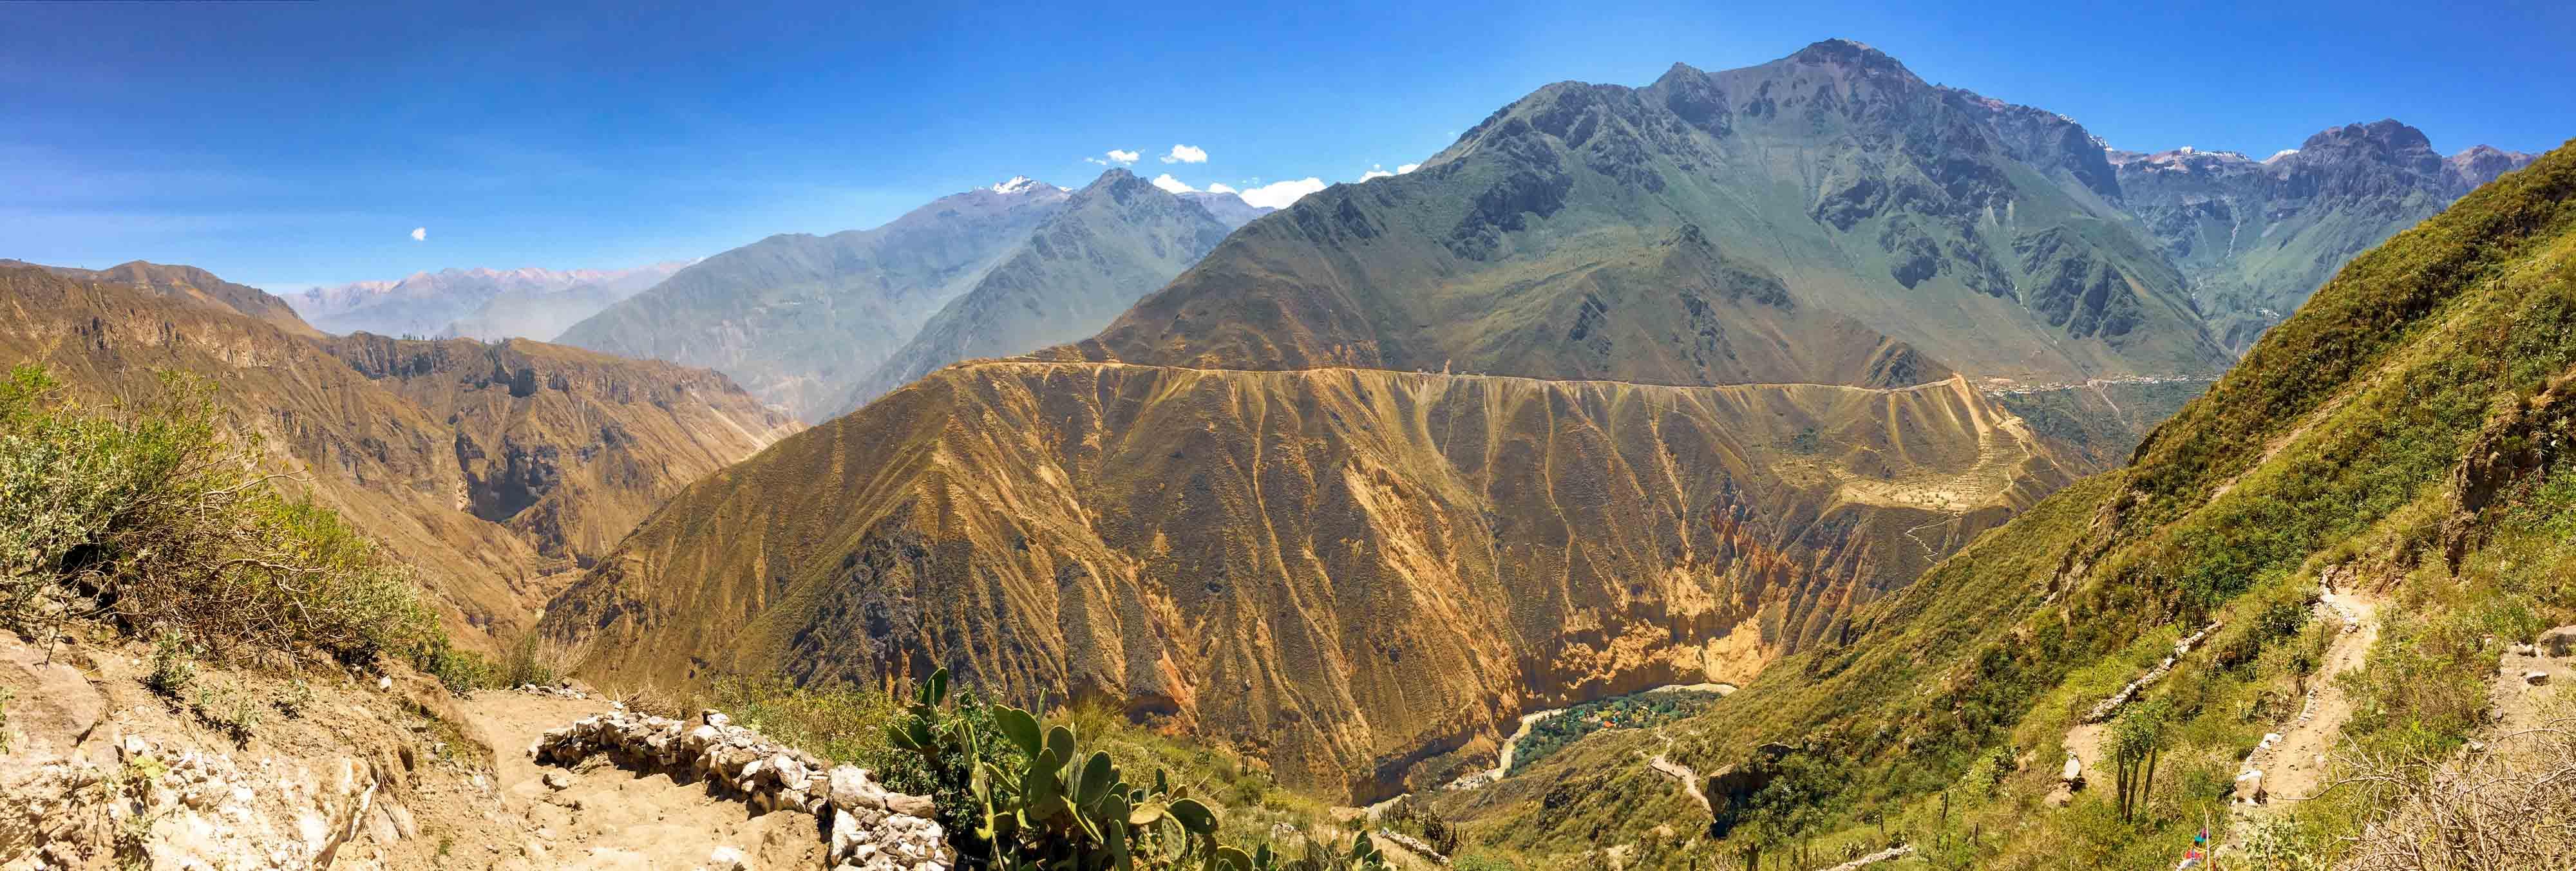 La descente vers l'oasis de Sangalle - Canyon de Colca